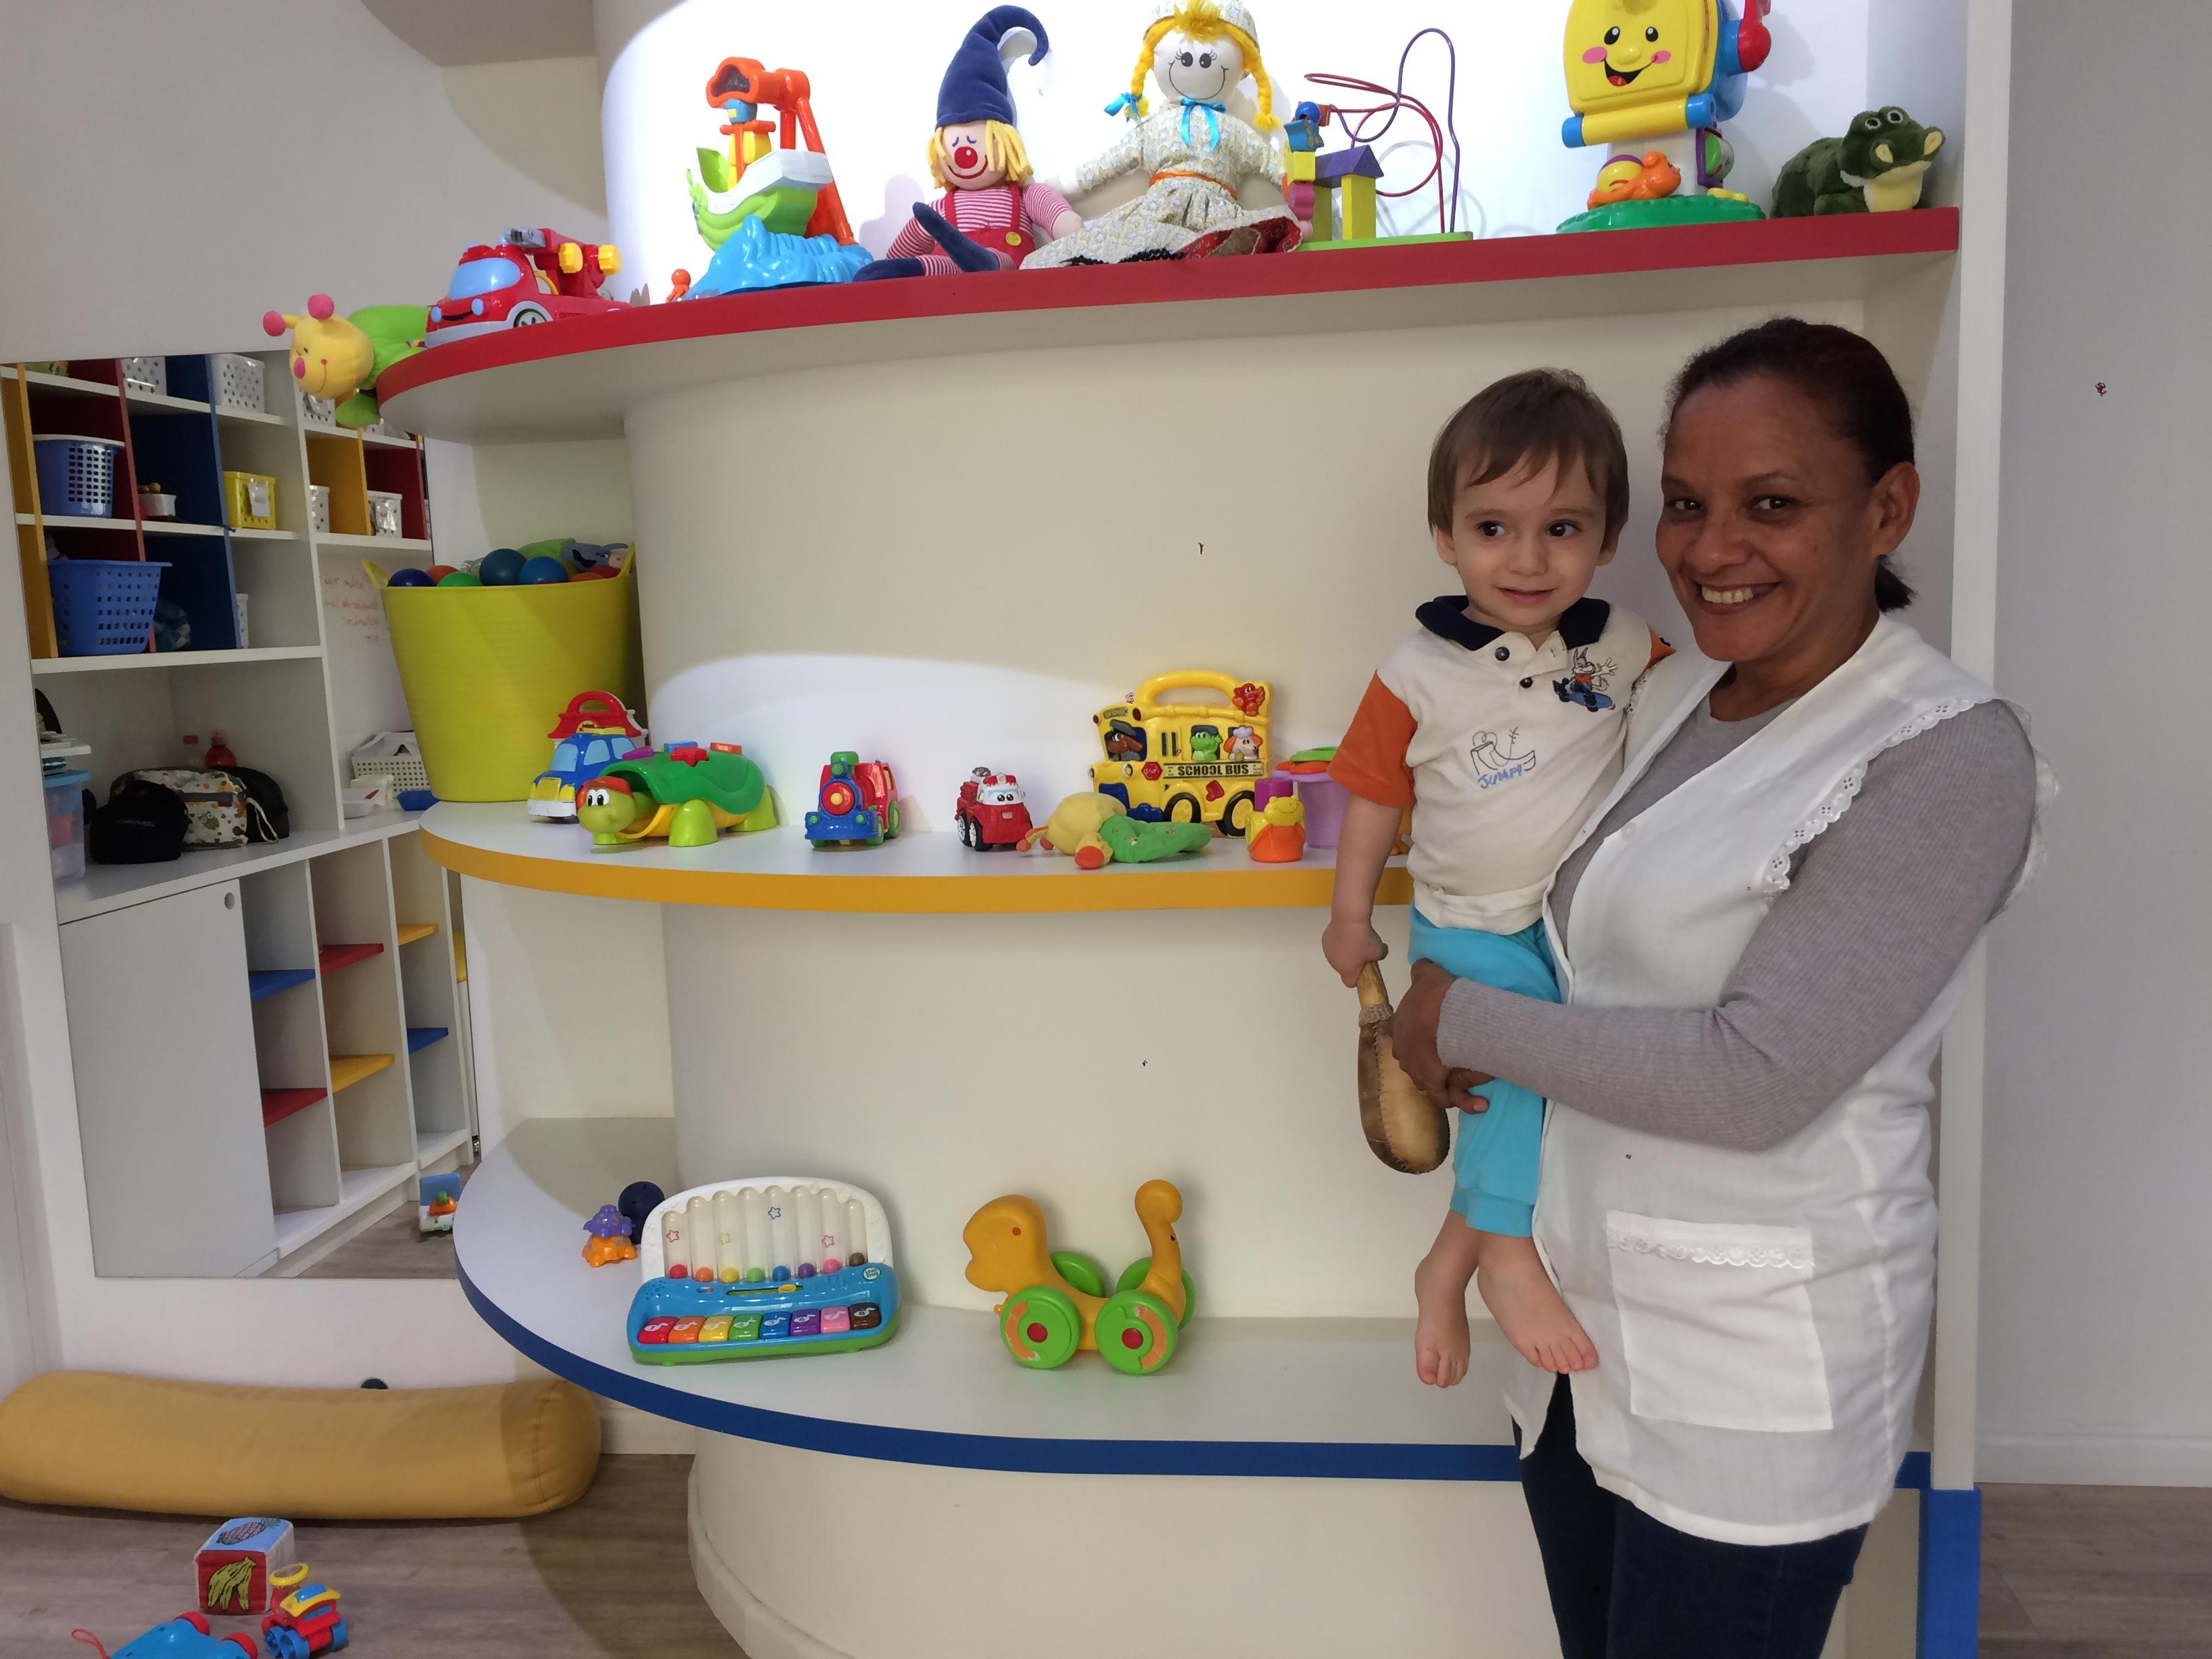 EQUIPE CATAVENTO: Eliana dos Prazeres dos Santos